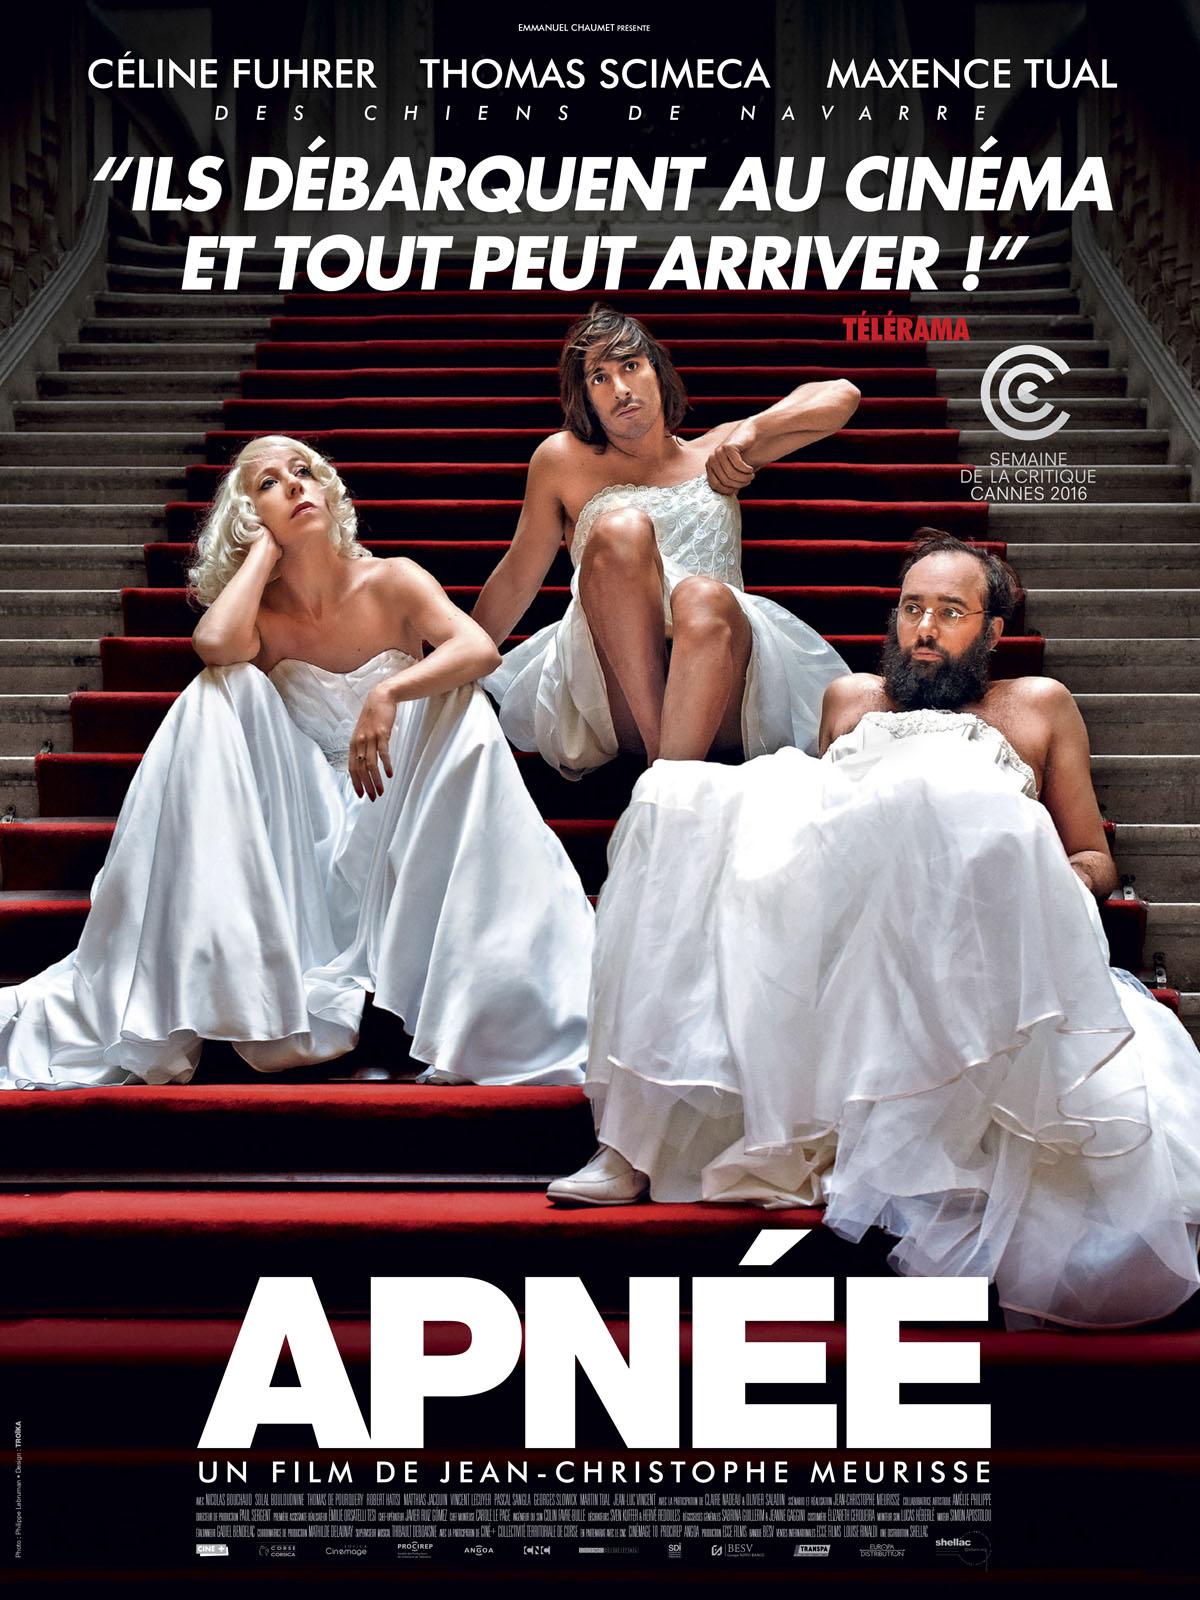 Apnée - film 2016 - AlloCiné